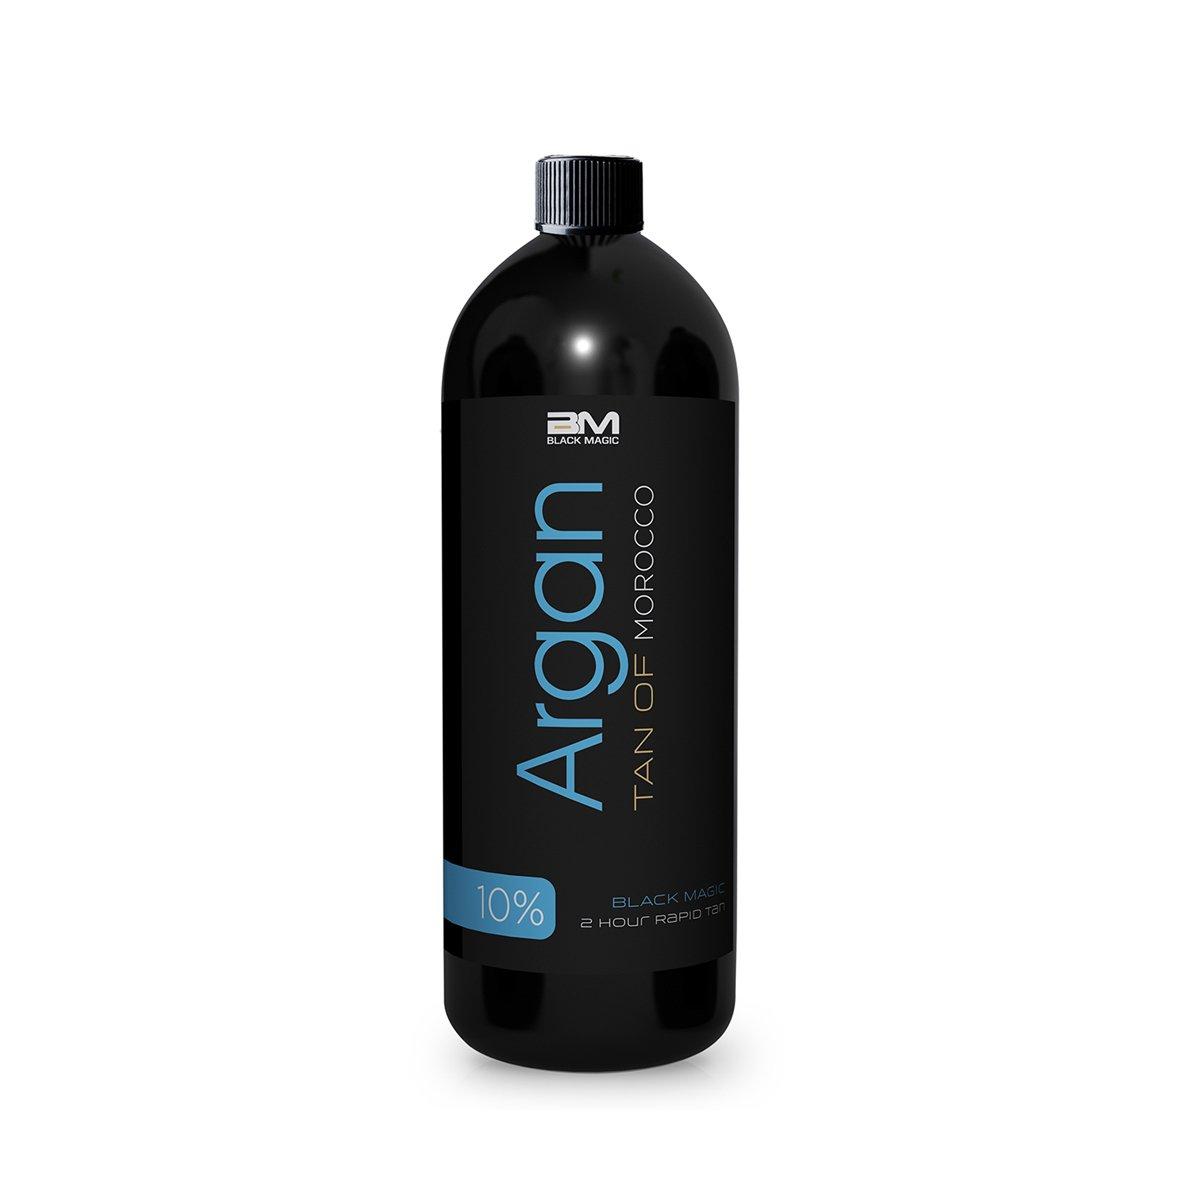 10% ARGAN TAN OF MOROCCO Liter 33.8 fl oz Spray Tanning Solution